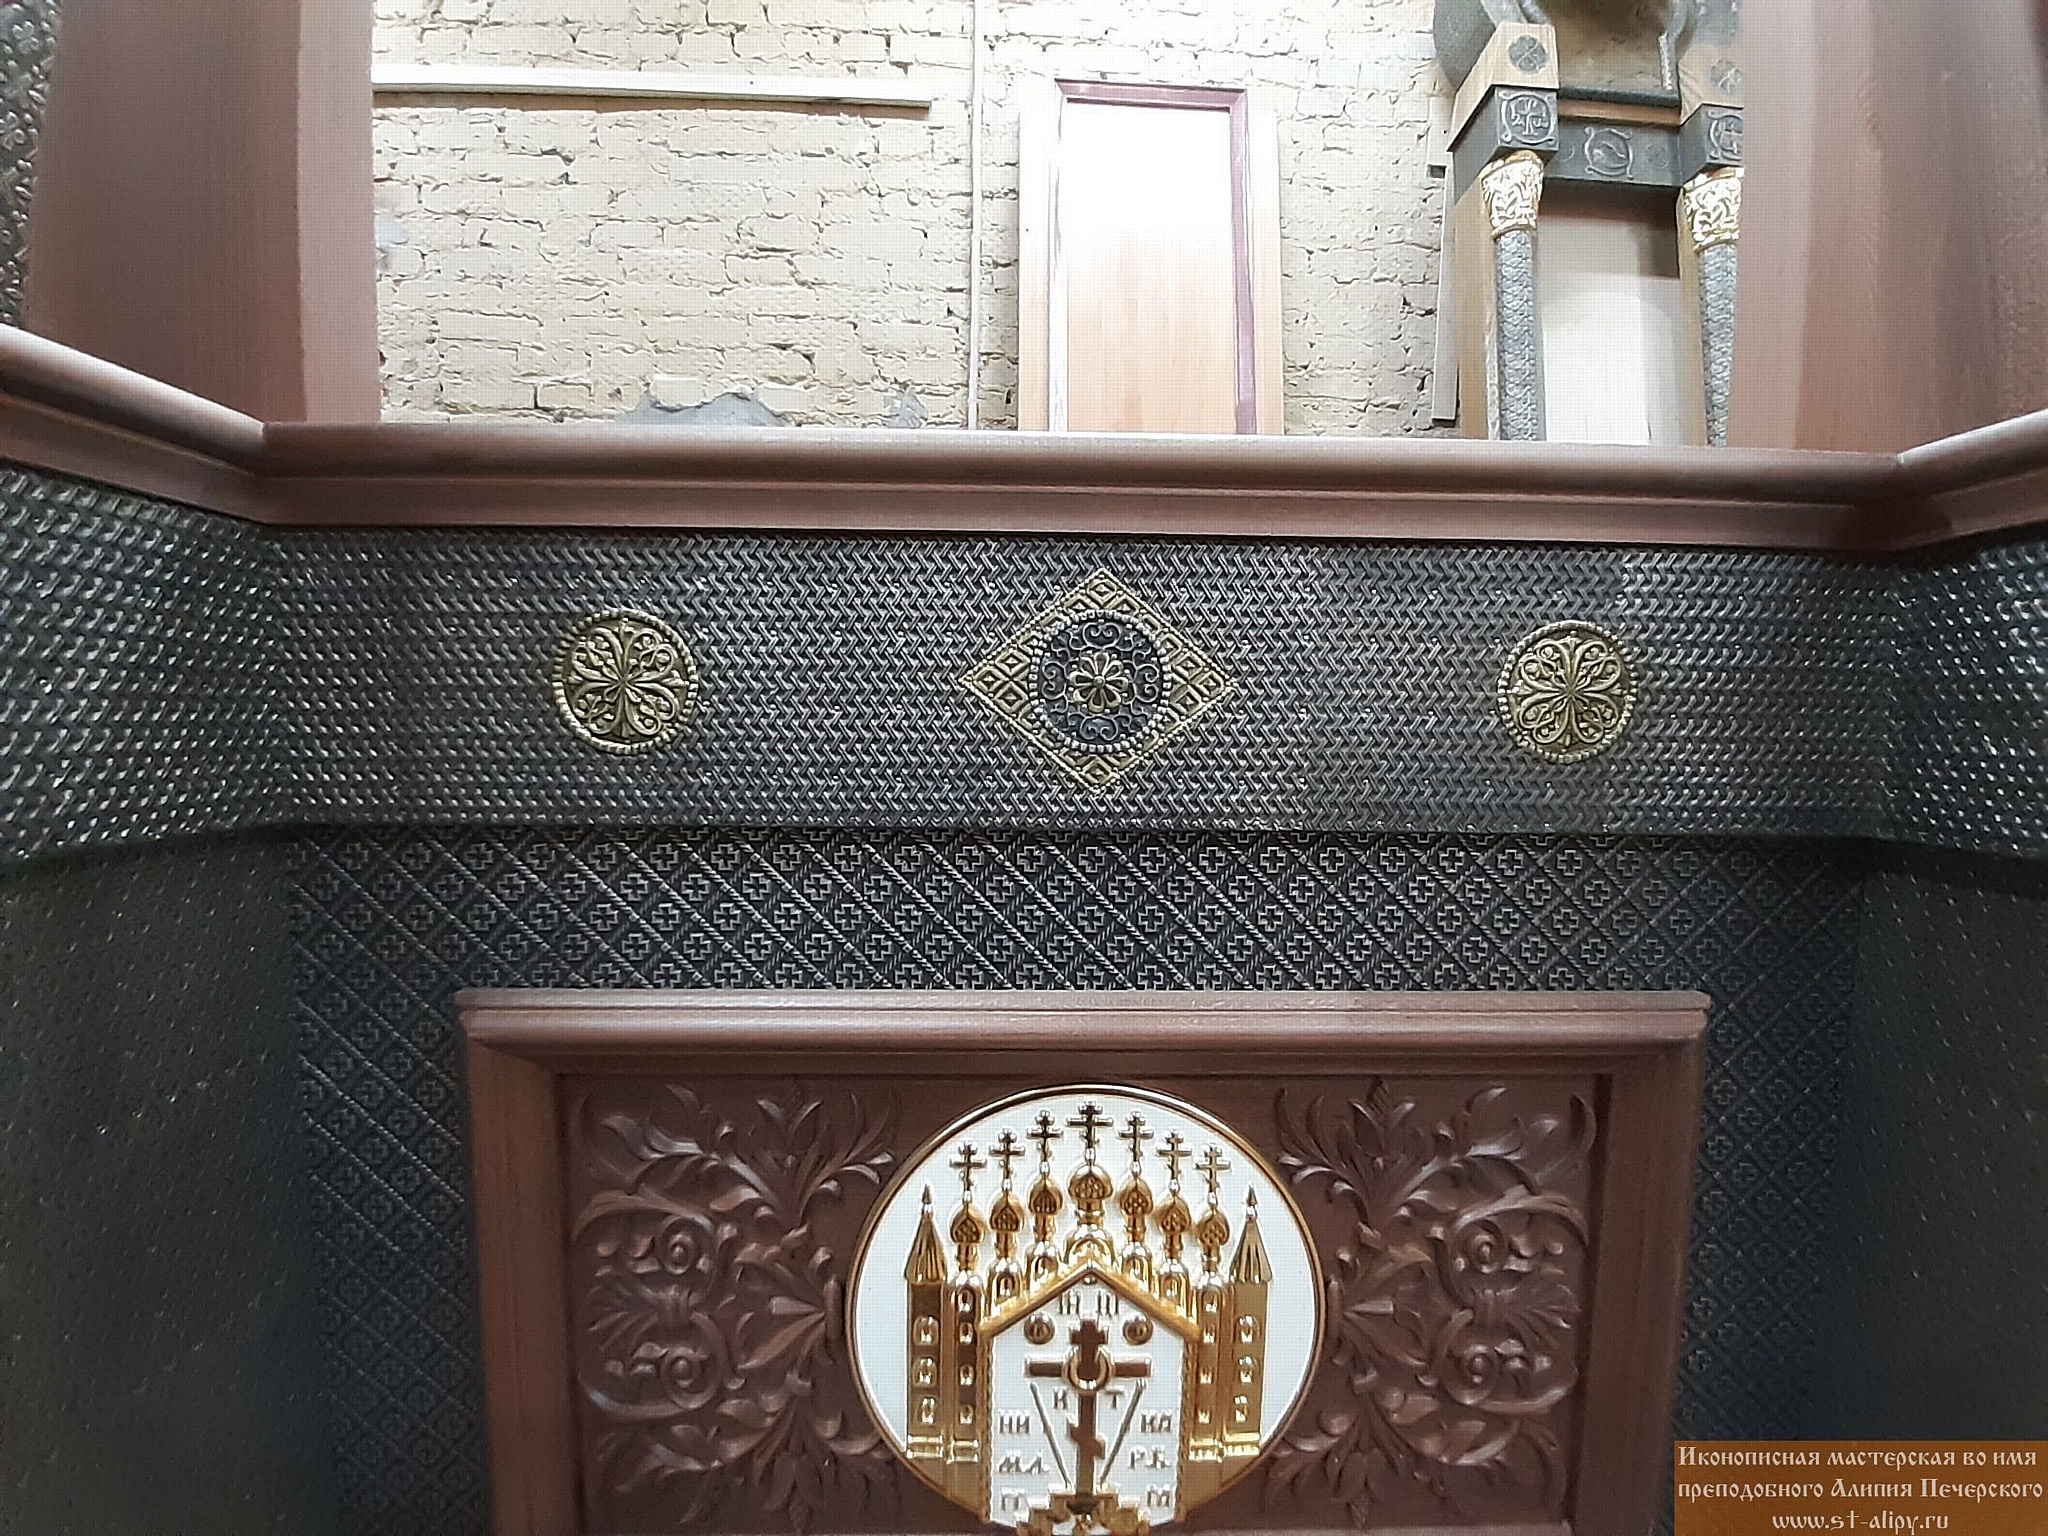 Декоративное убранство главного храма войск национальной гвардии Российской Федерации